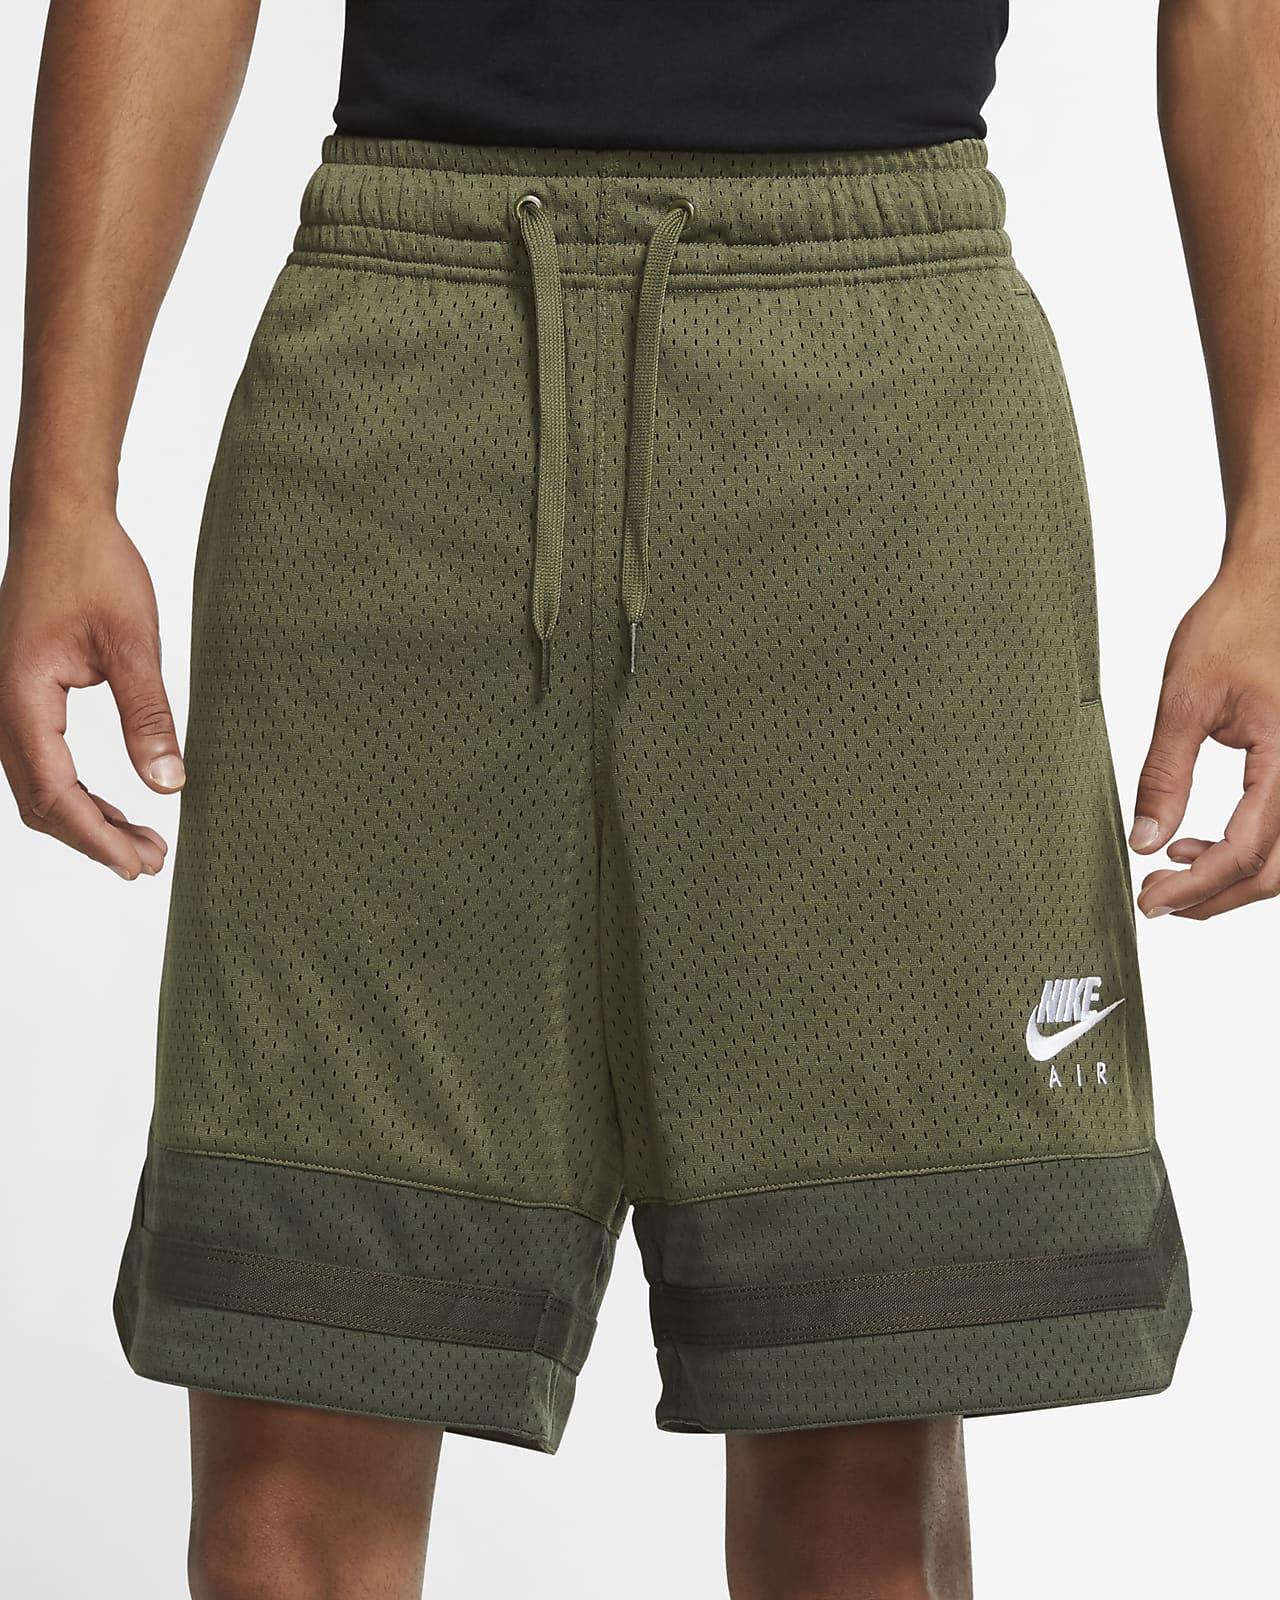 Nike Air Men's Mesh Shorts